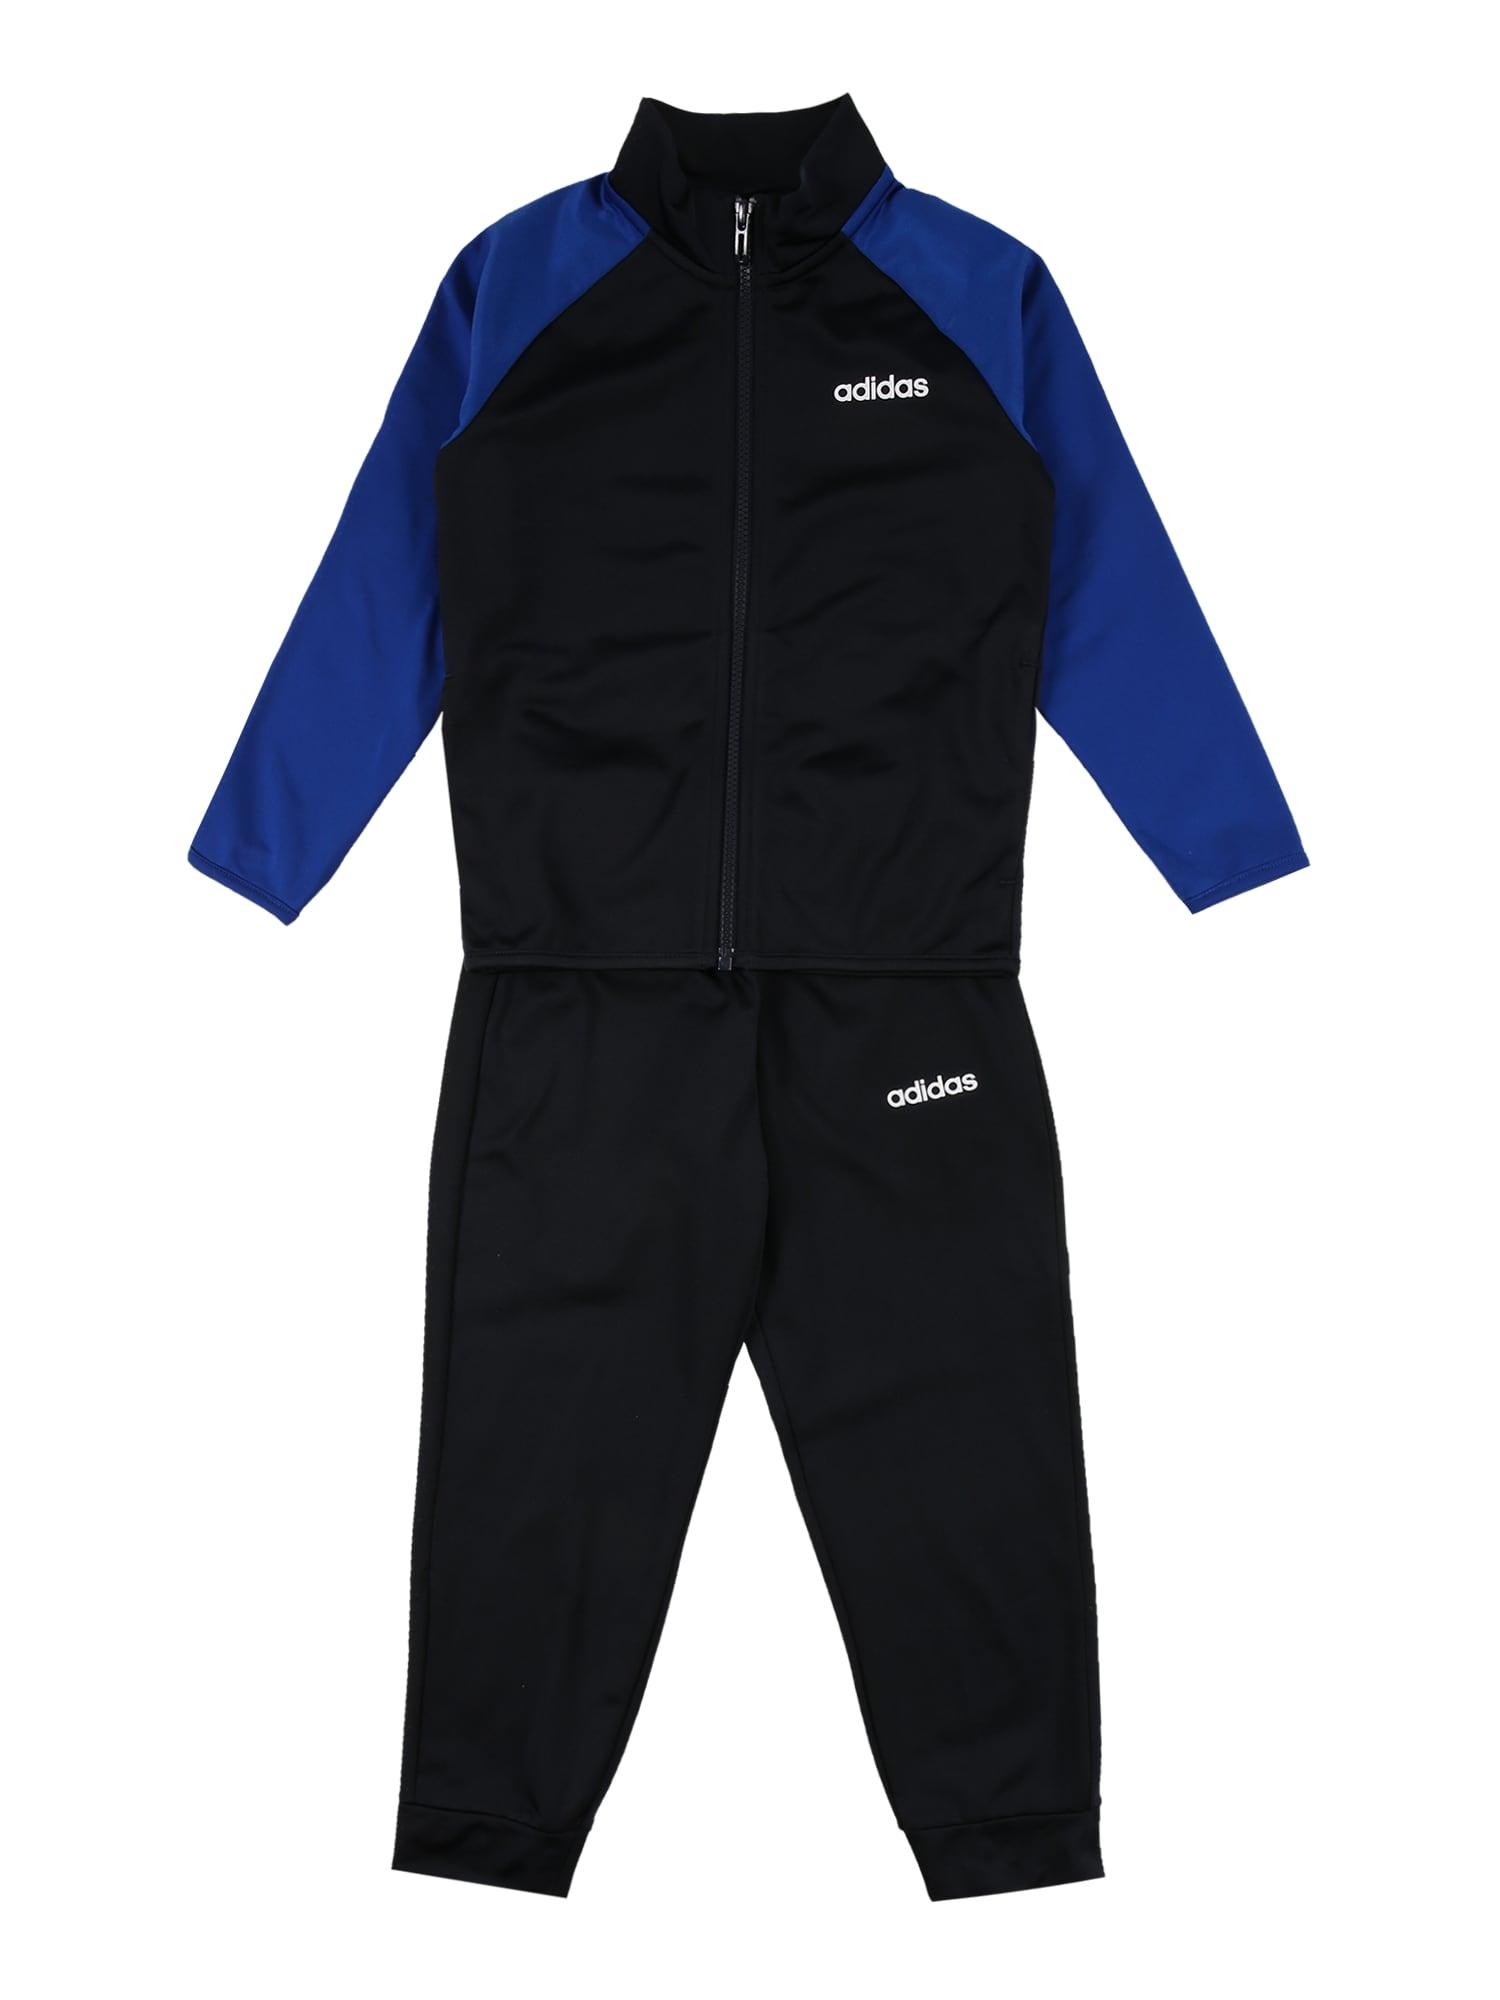 ADIDAS PERFORMANCE Treniruočių kostiumas 'Entry' tamsiai mėlyna